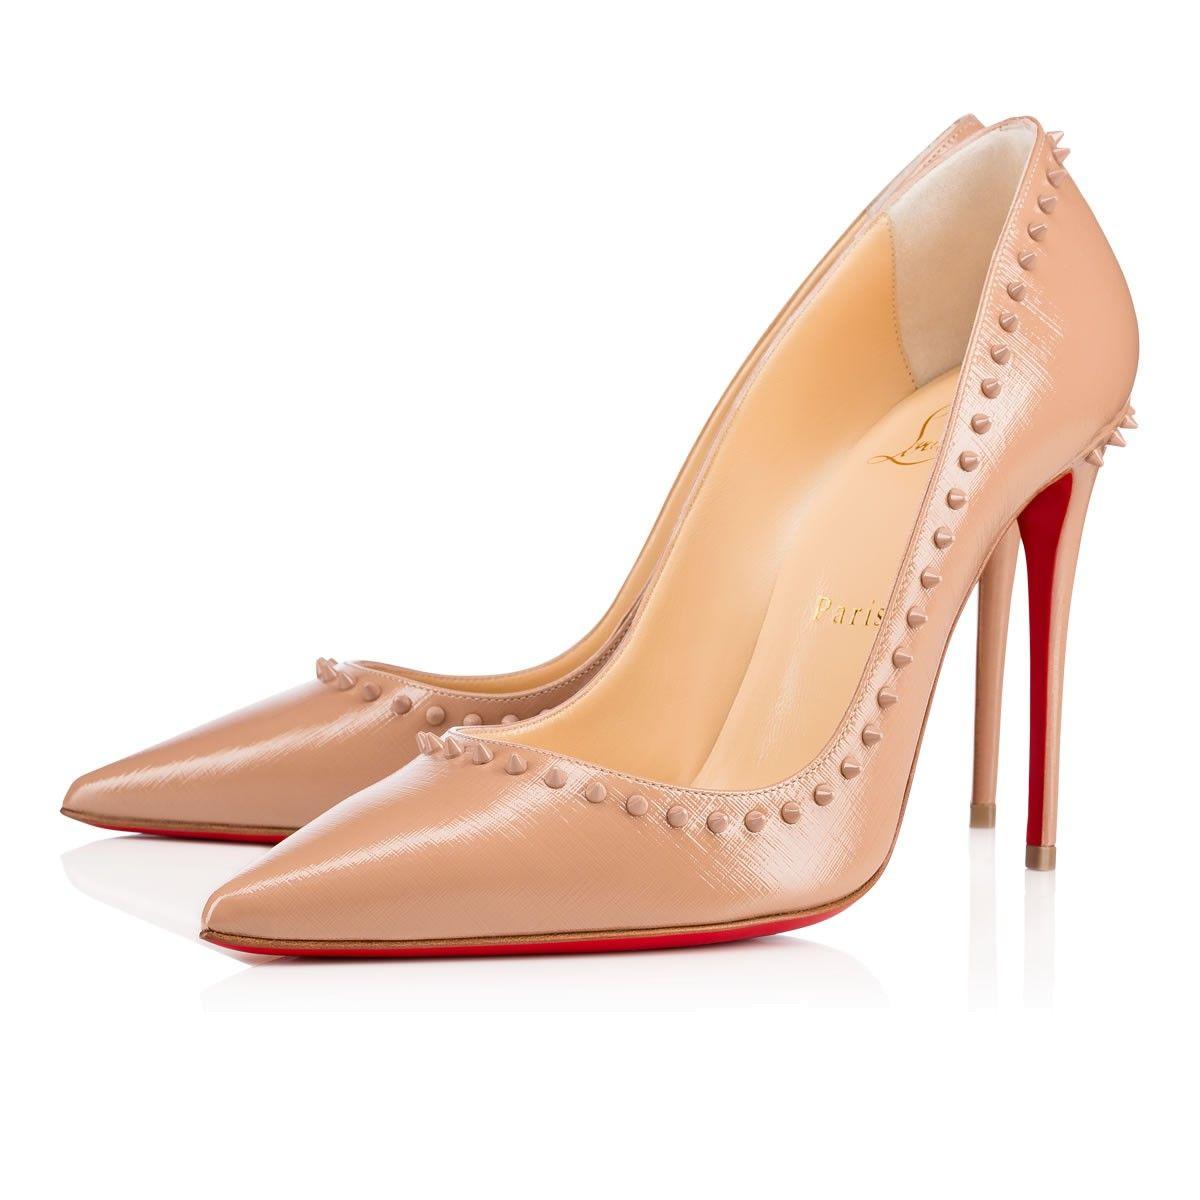 51976b013a6 CHRISTIAN LOUBOUTIN ANJALINA PATENT GIVREE 100 Nude Patent calfskin ...